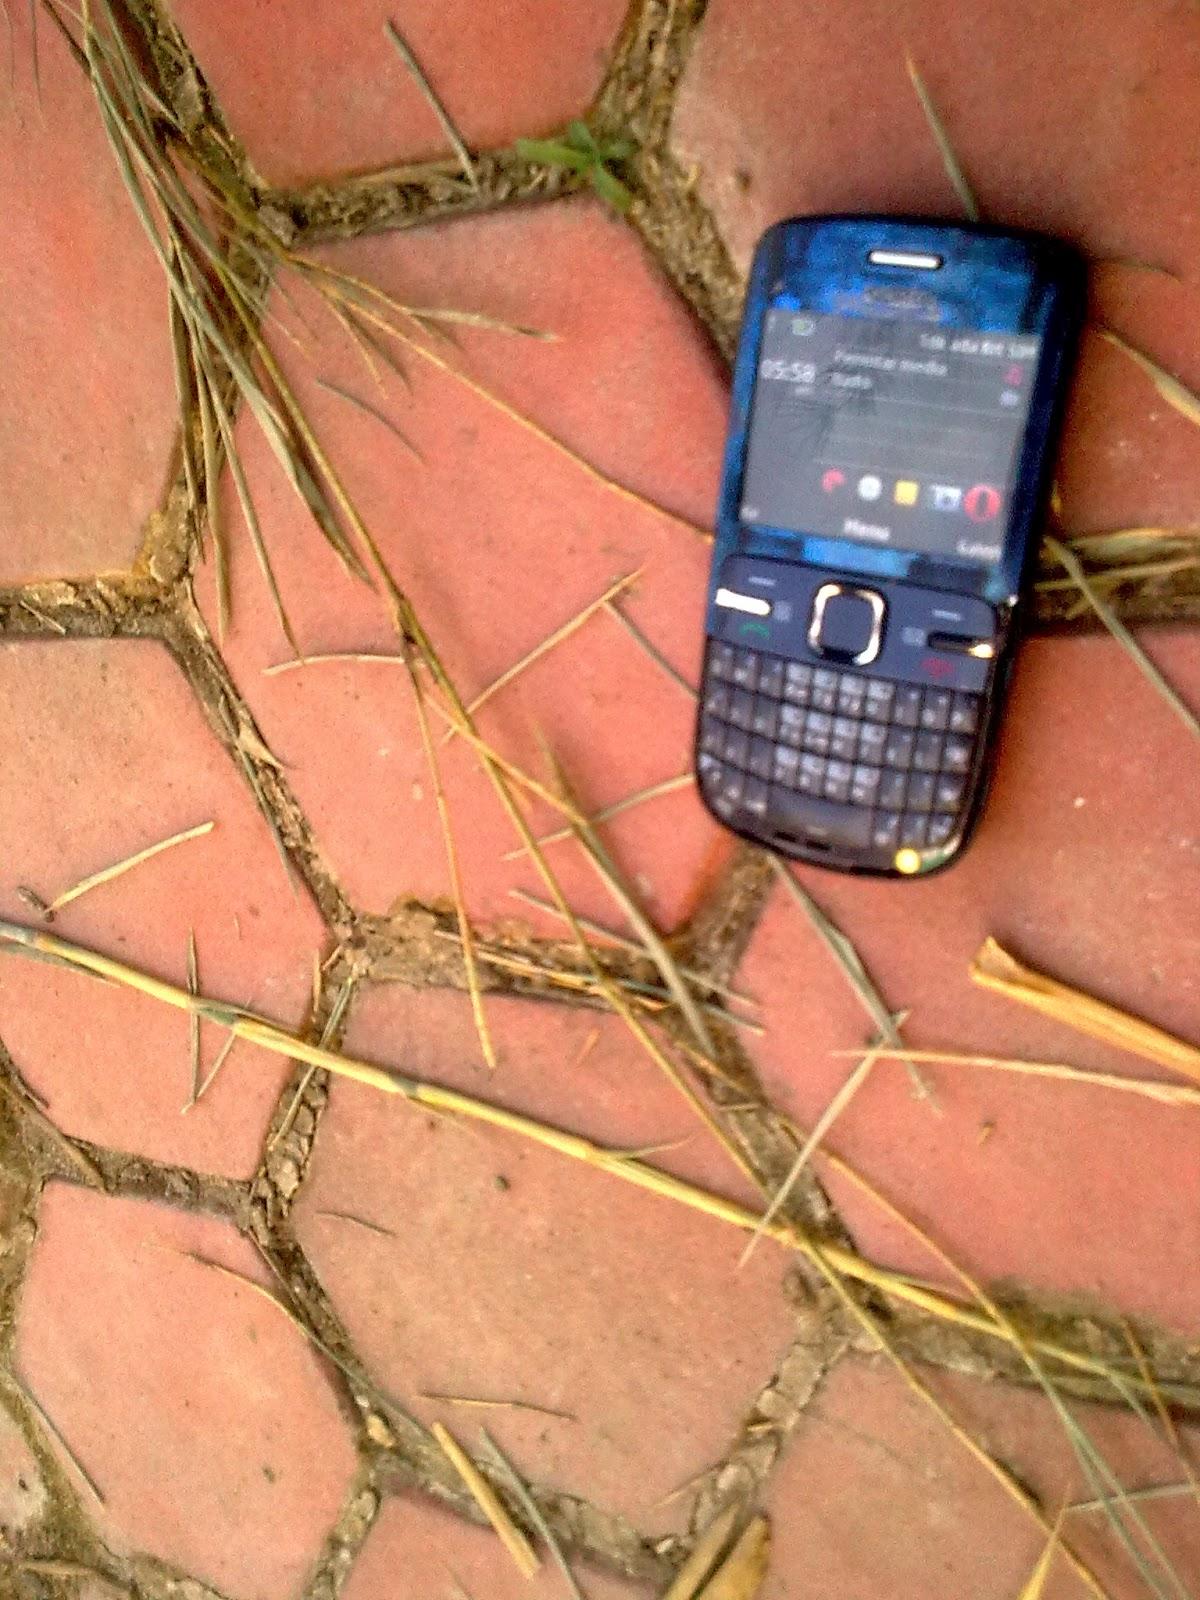 Qori Menulis Blog Foto Nokia C3